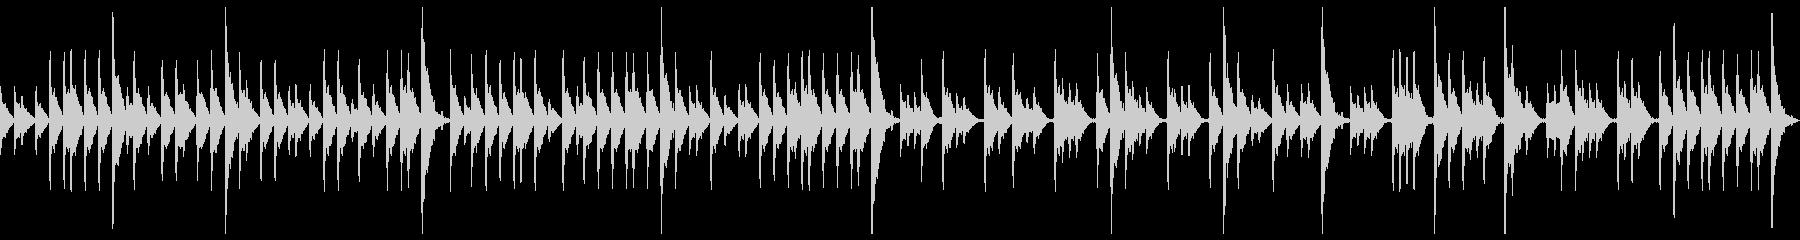 締太鼓ソロ アップ1の未再生の波形